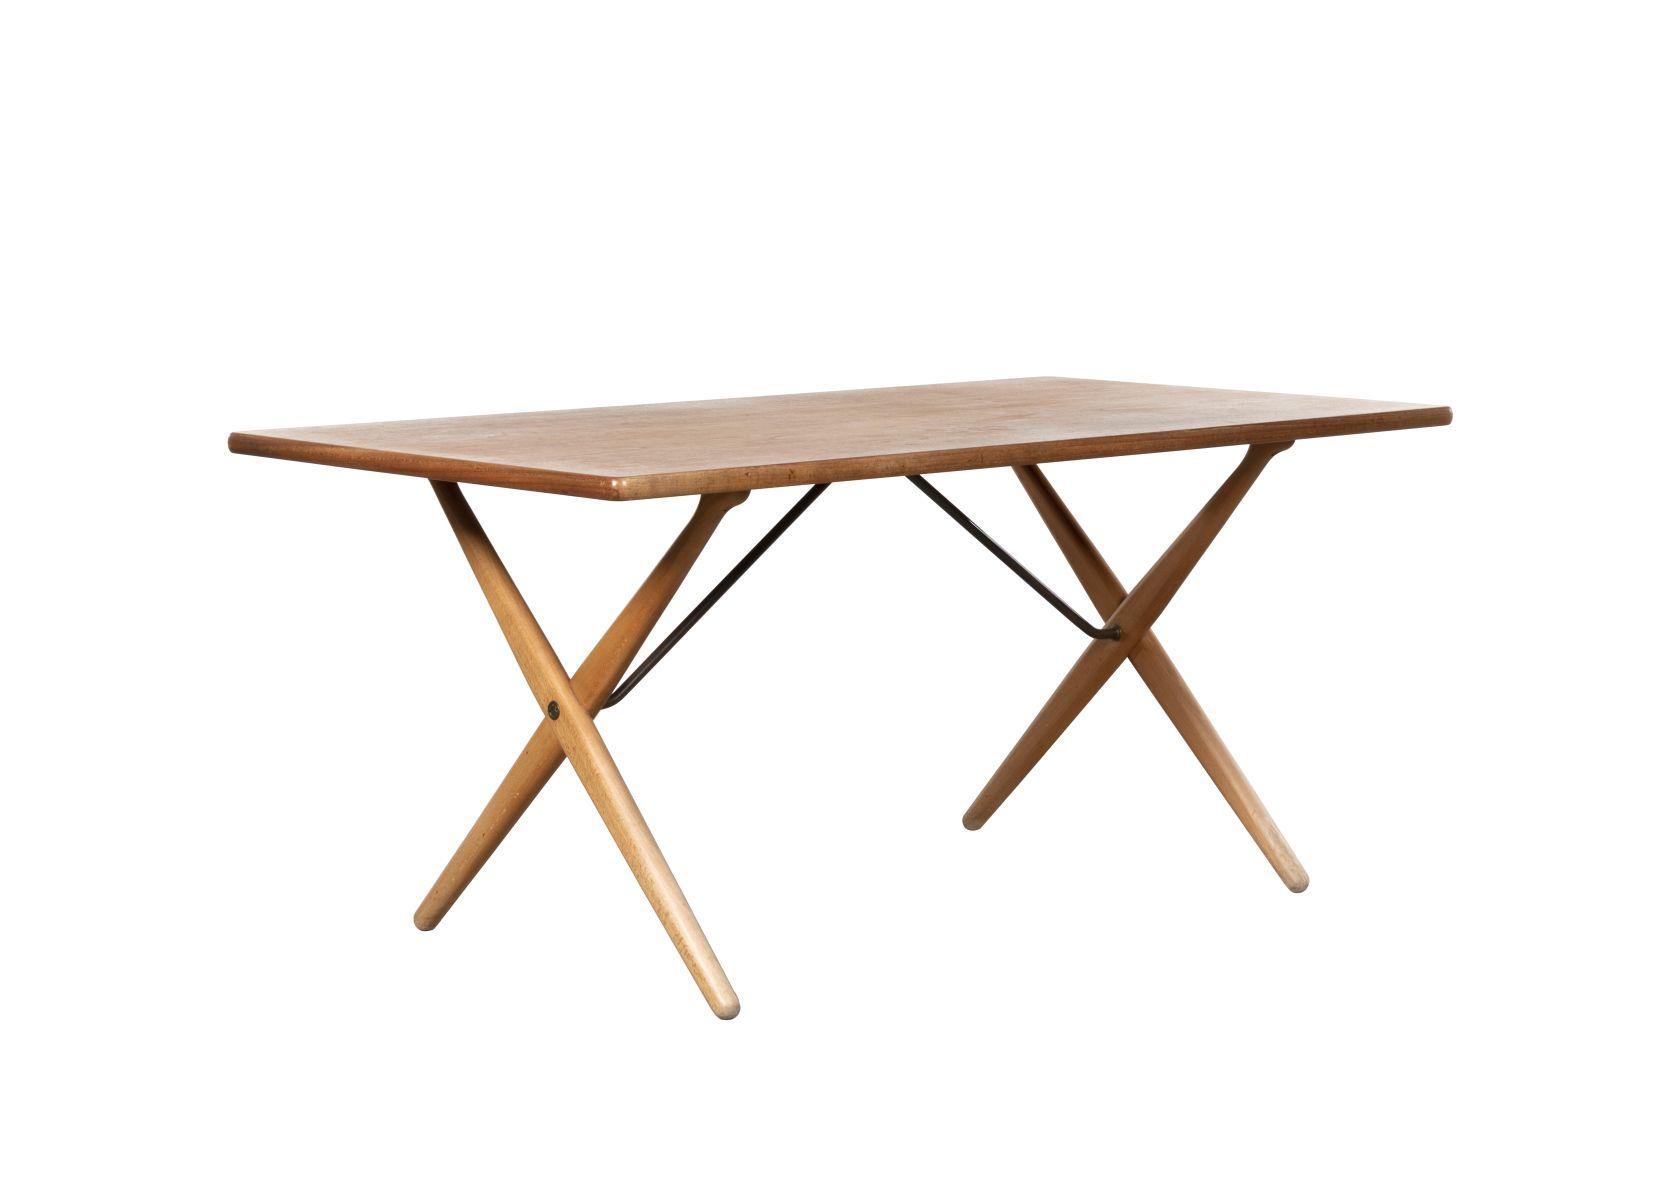 Esszimmer Tischgruppe Runder Esstisch Weiß Antik Wohnzimmertisch Massivholz Buche Esstisch Stühle Design Essti Runder Esstisch Wohnzimmertisch Esstisch